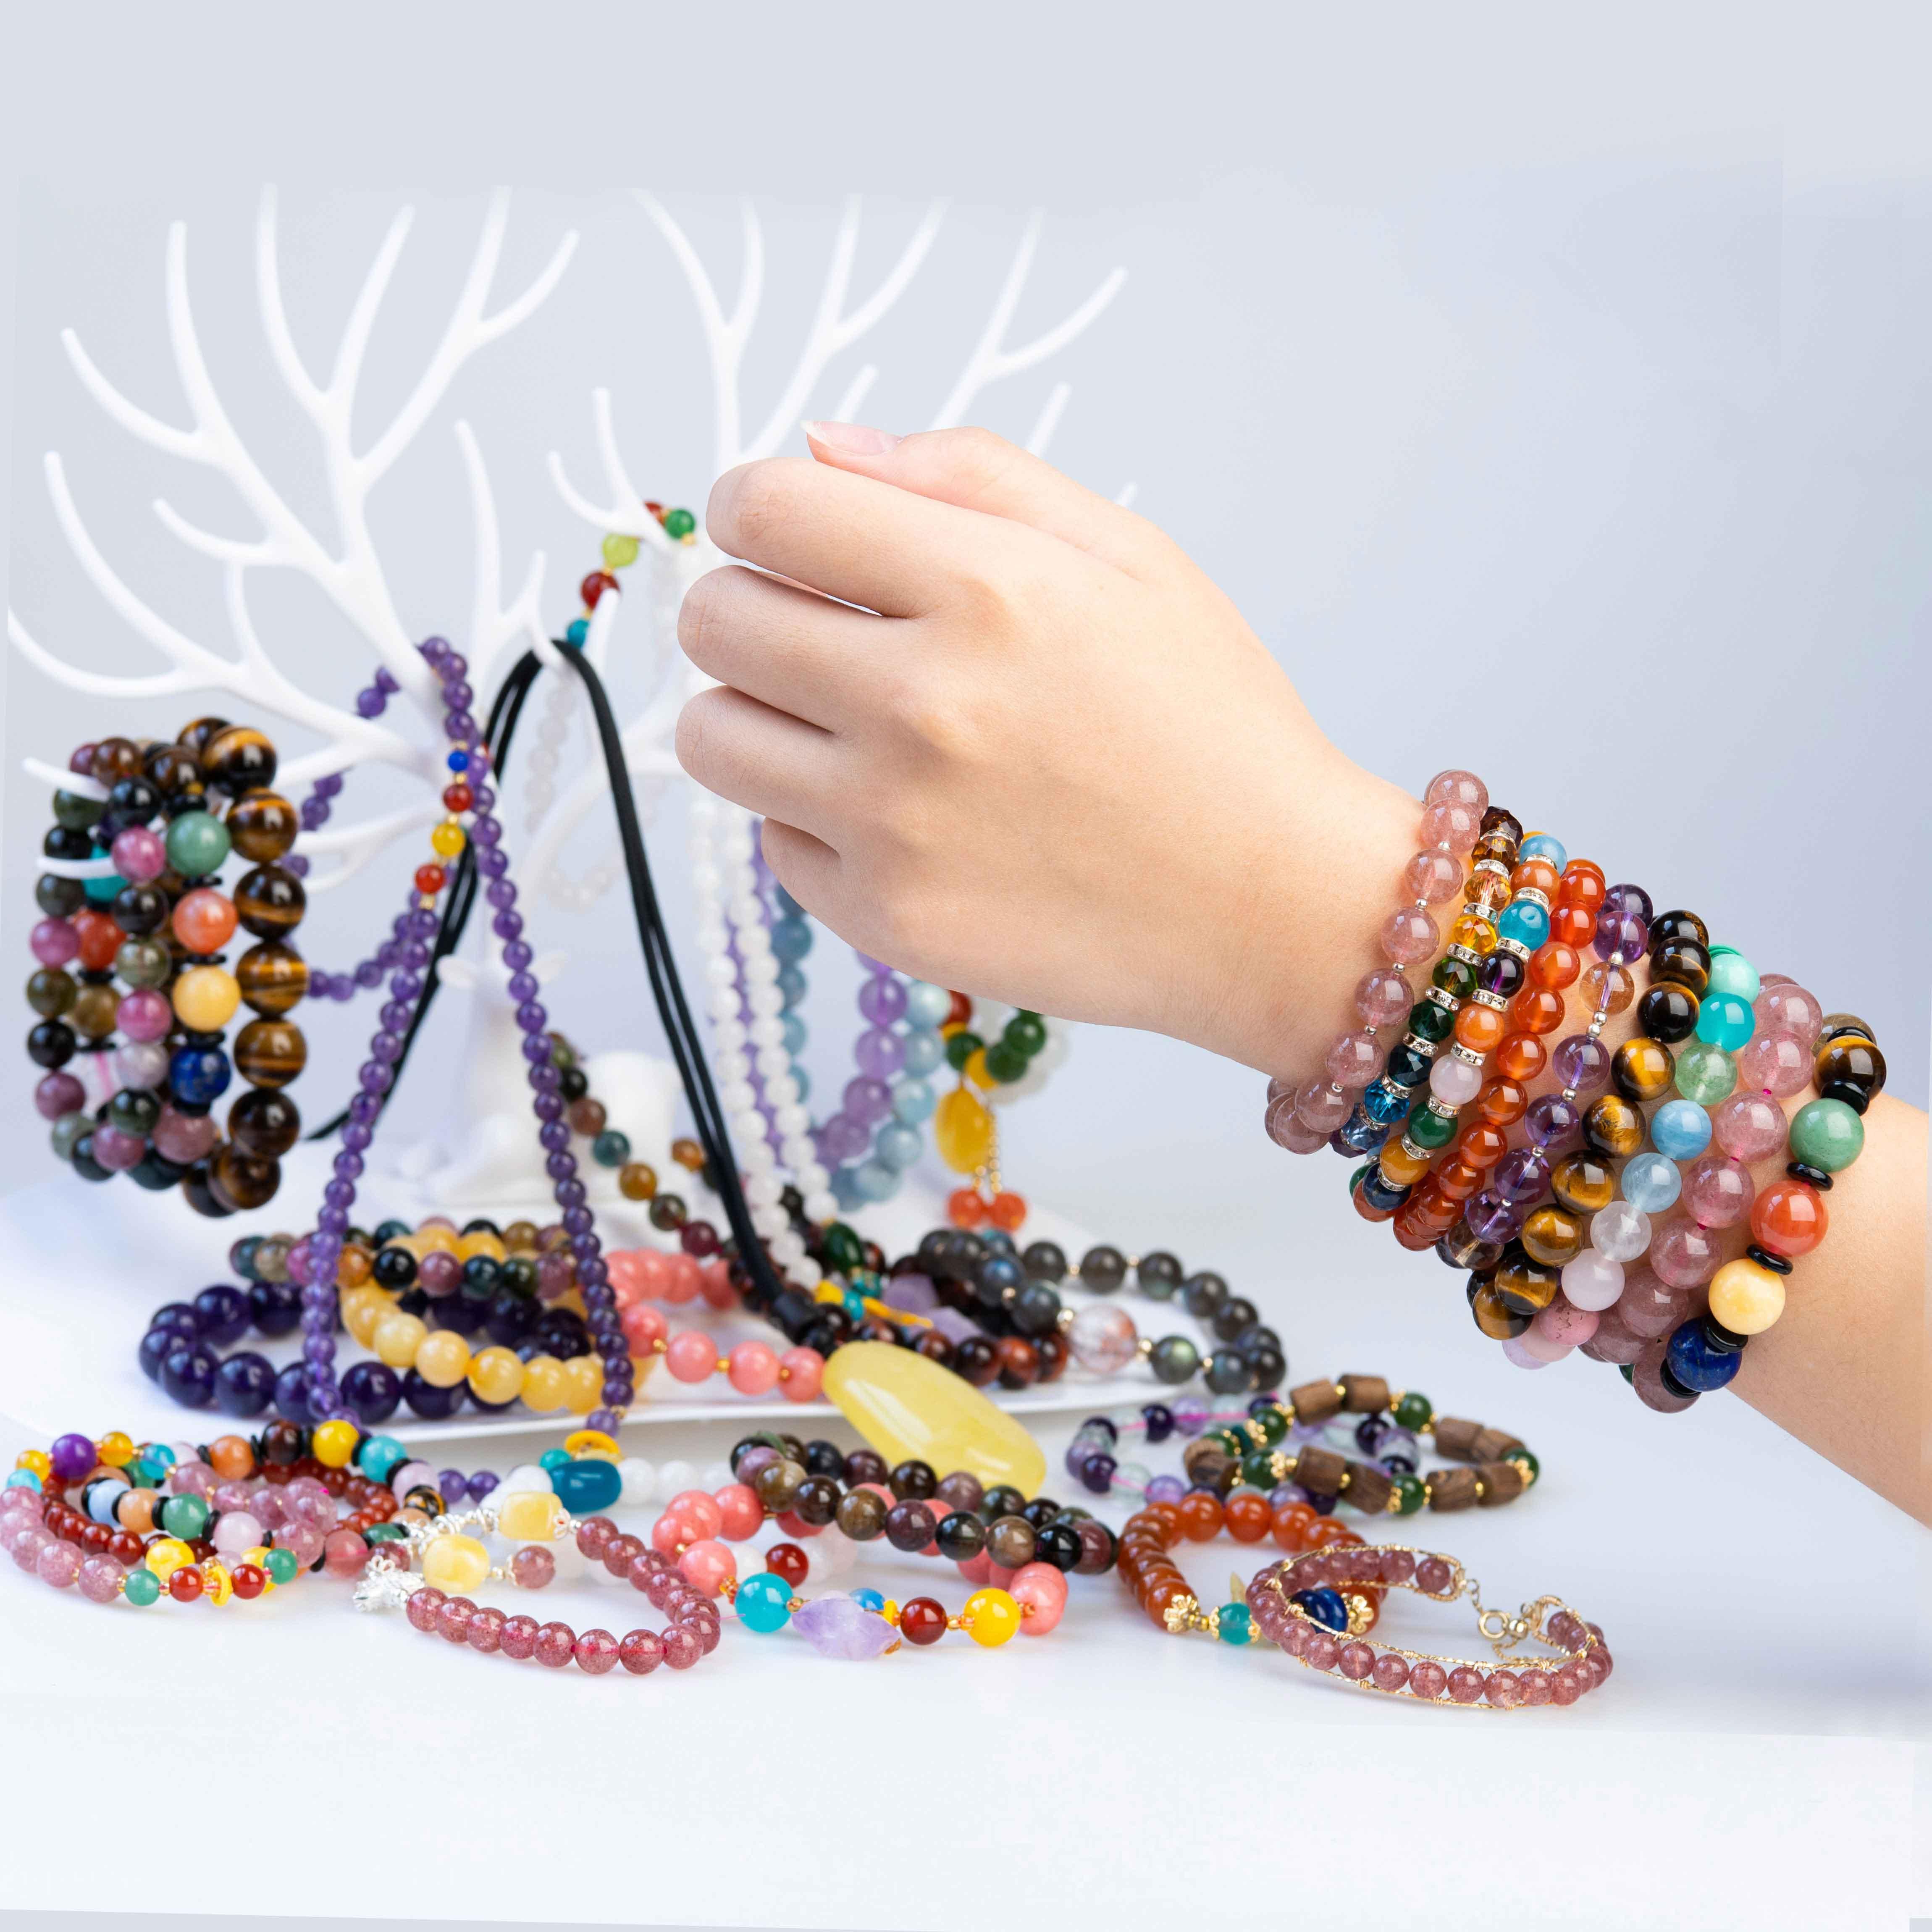 天然水晶手链新款推荐精美时尚水晶饰品幸福嫁到直播间付款链接